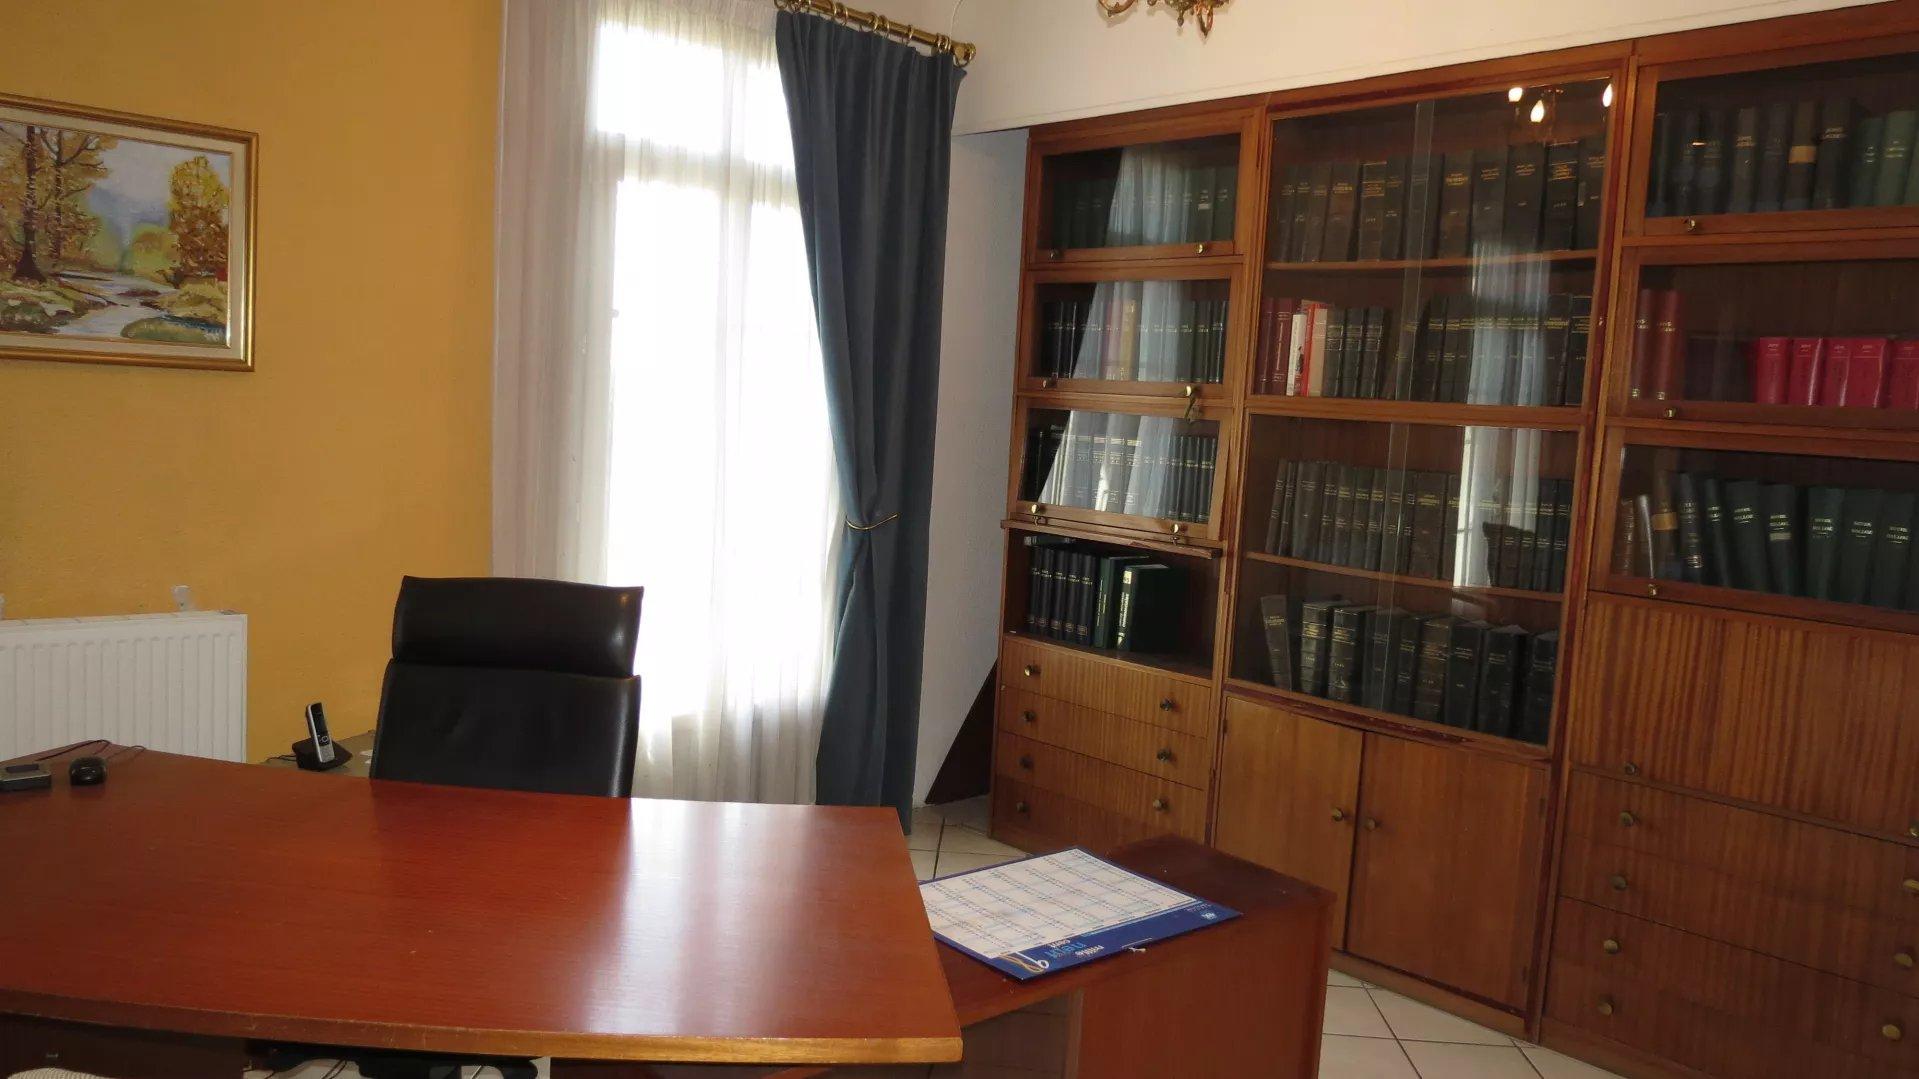 PERPIGNAN-CLEMENCEAU BUREAUX 190m²+ 2 STATIONNEMENTS PRIVATIFS